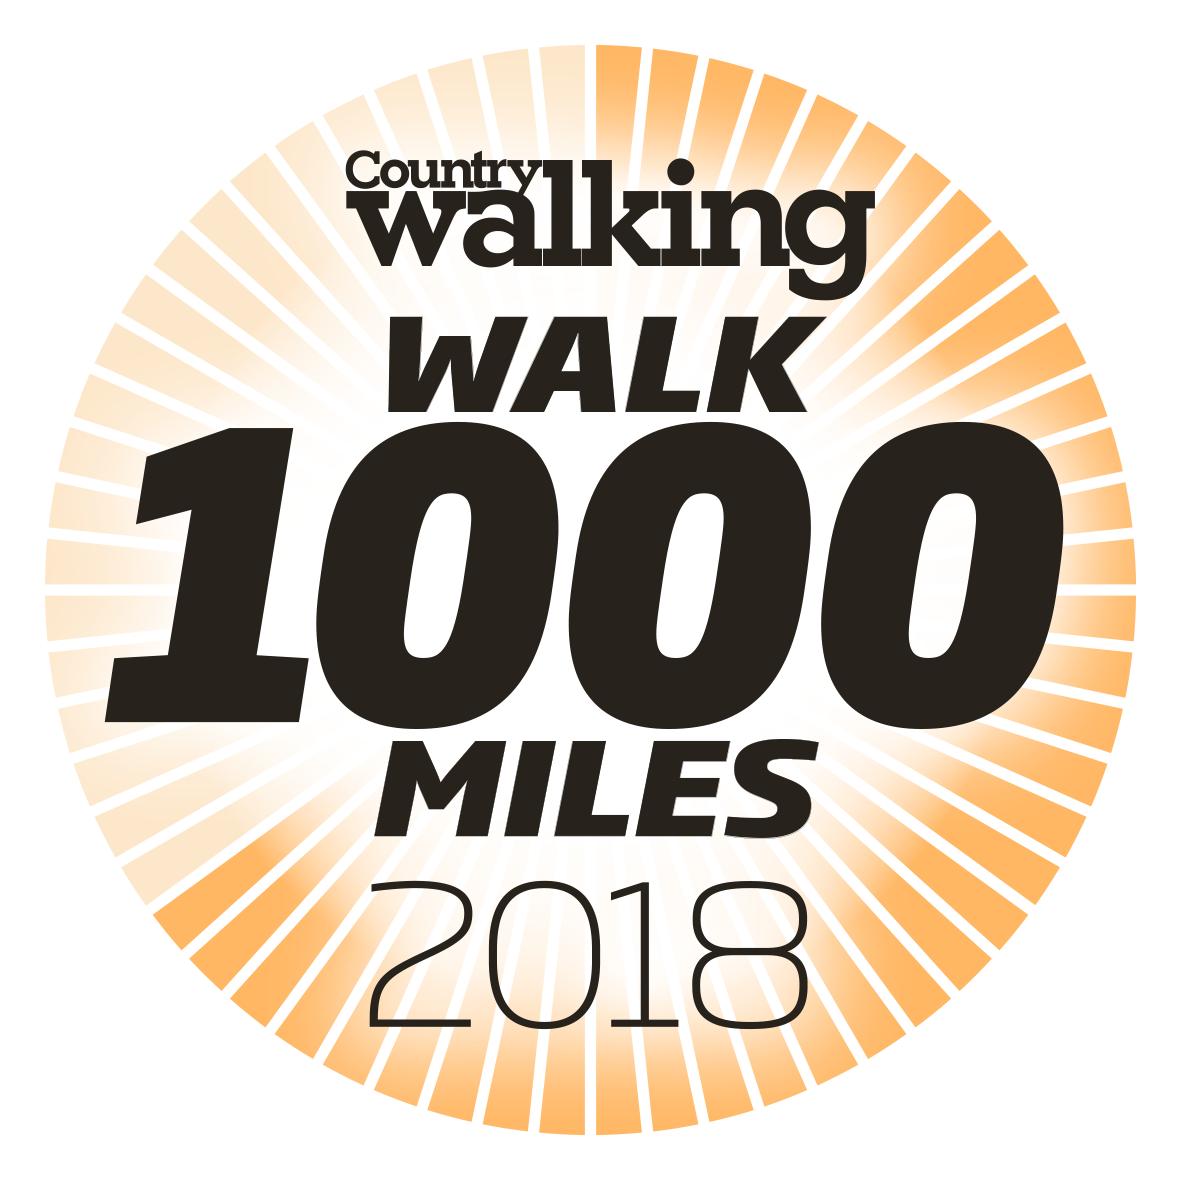 Walk 1000miles 2018 logo less segs.png